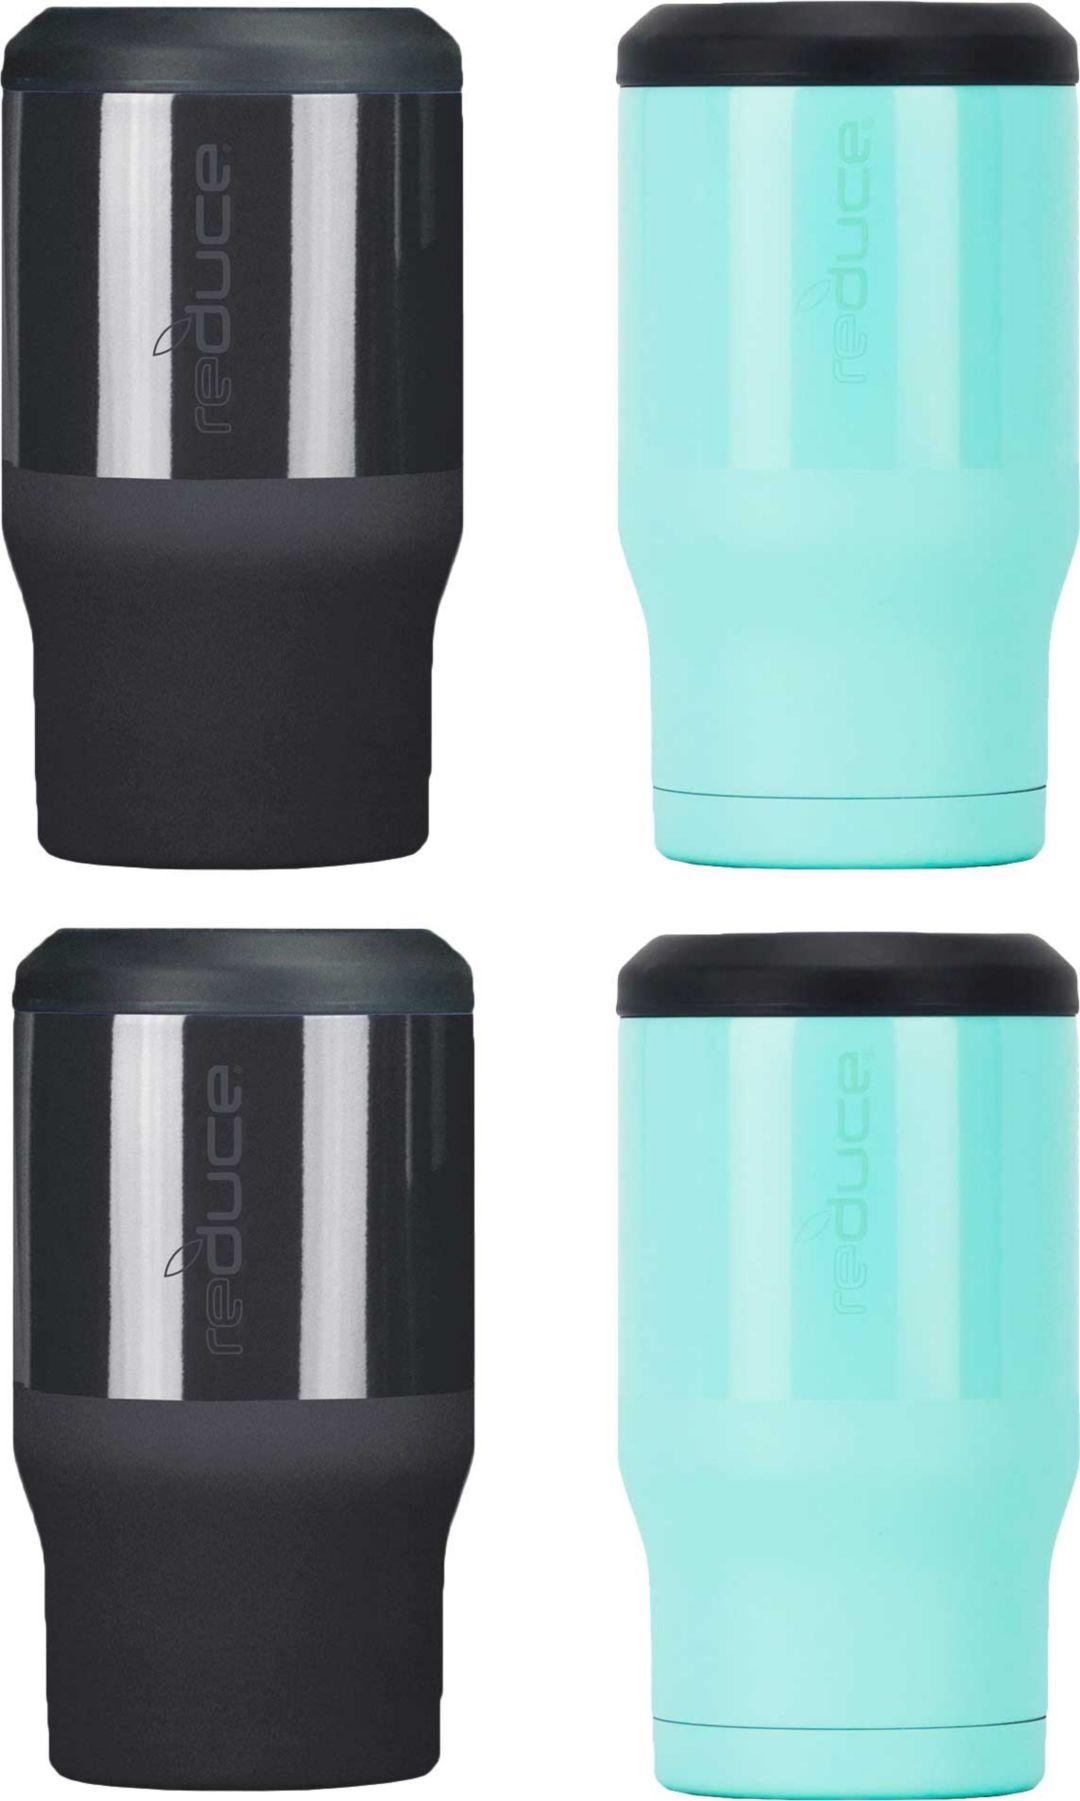 Reduce Drink Cooler 4-Pack Gift Set